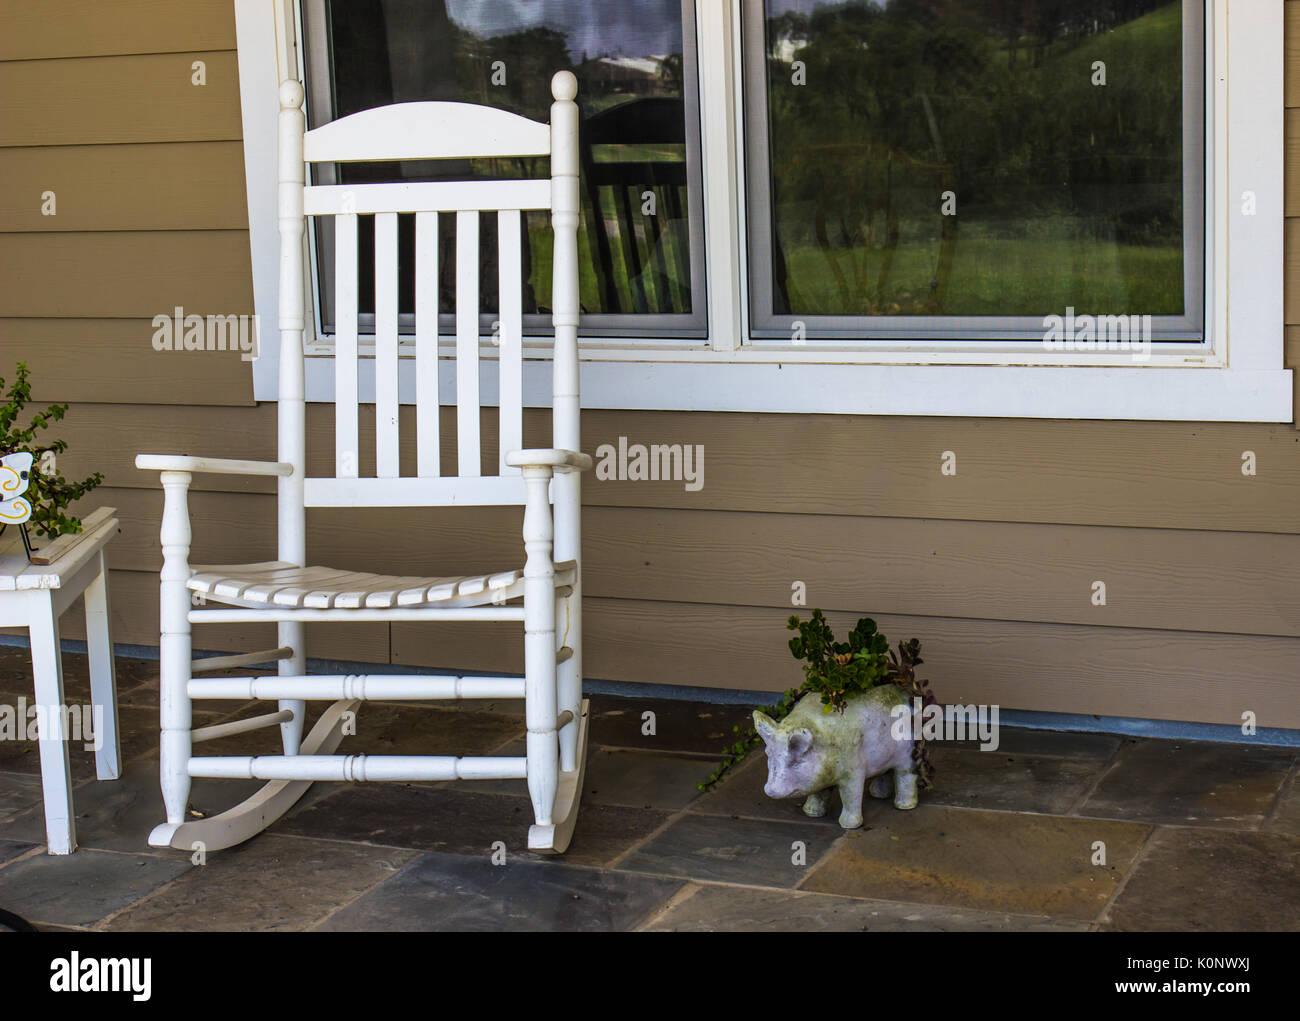 weiß schaukelstuhl auf der veranda stockfoto, bild: 155374650 - alamy